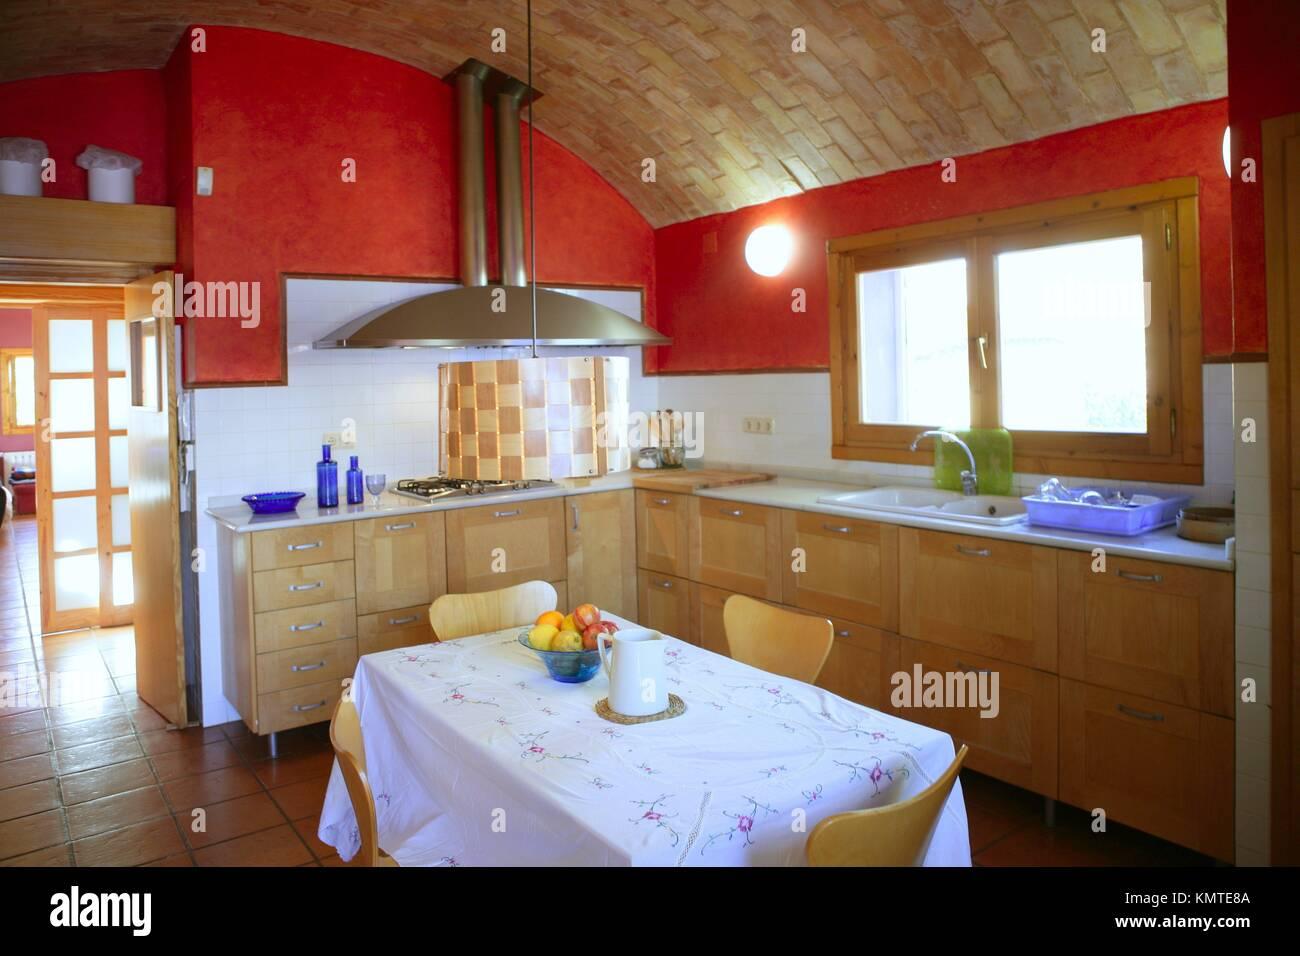 Cucina con barrelt vault ceeling parete rossa in stile